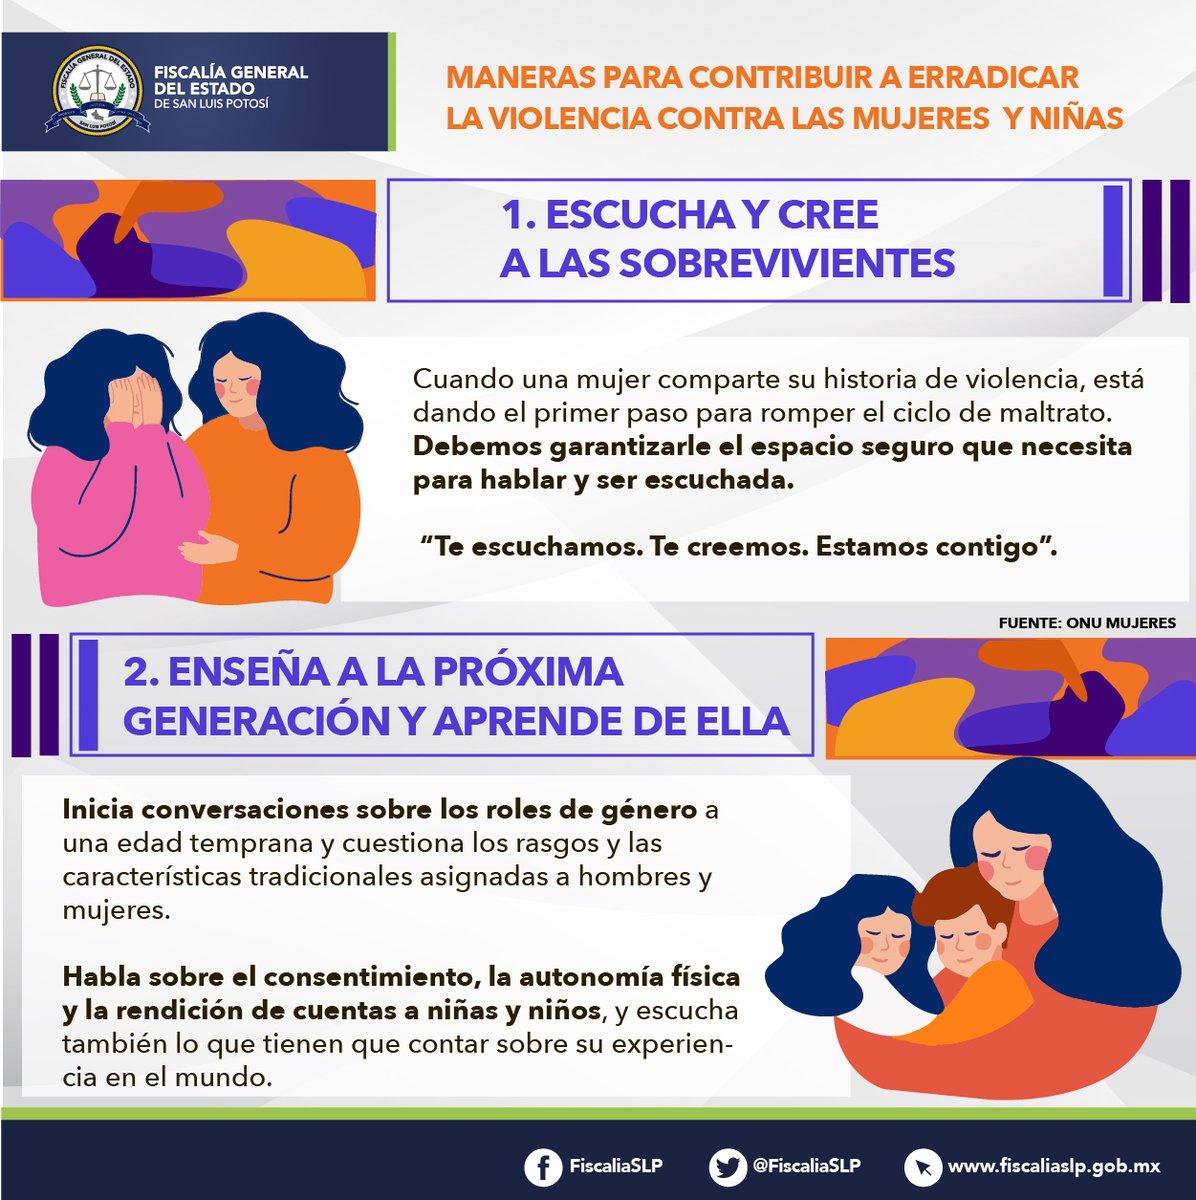 #16Días #DíaNaranja 🧡 | Poner fin a la violencia contra las mujeres y niñas es asunto de todas y todos, compartimos contigo diferentes maneras en que podemos hacer cambios. #NoEstásSola